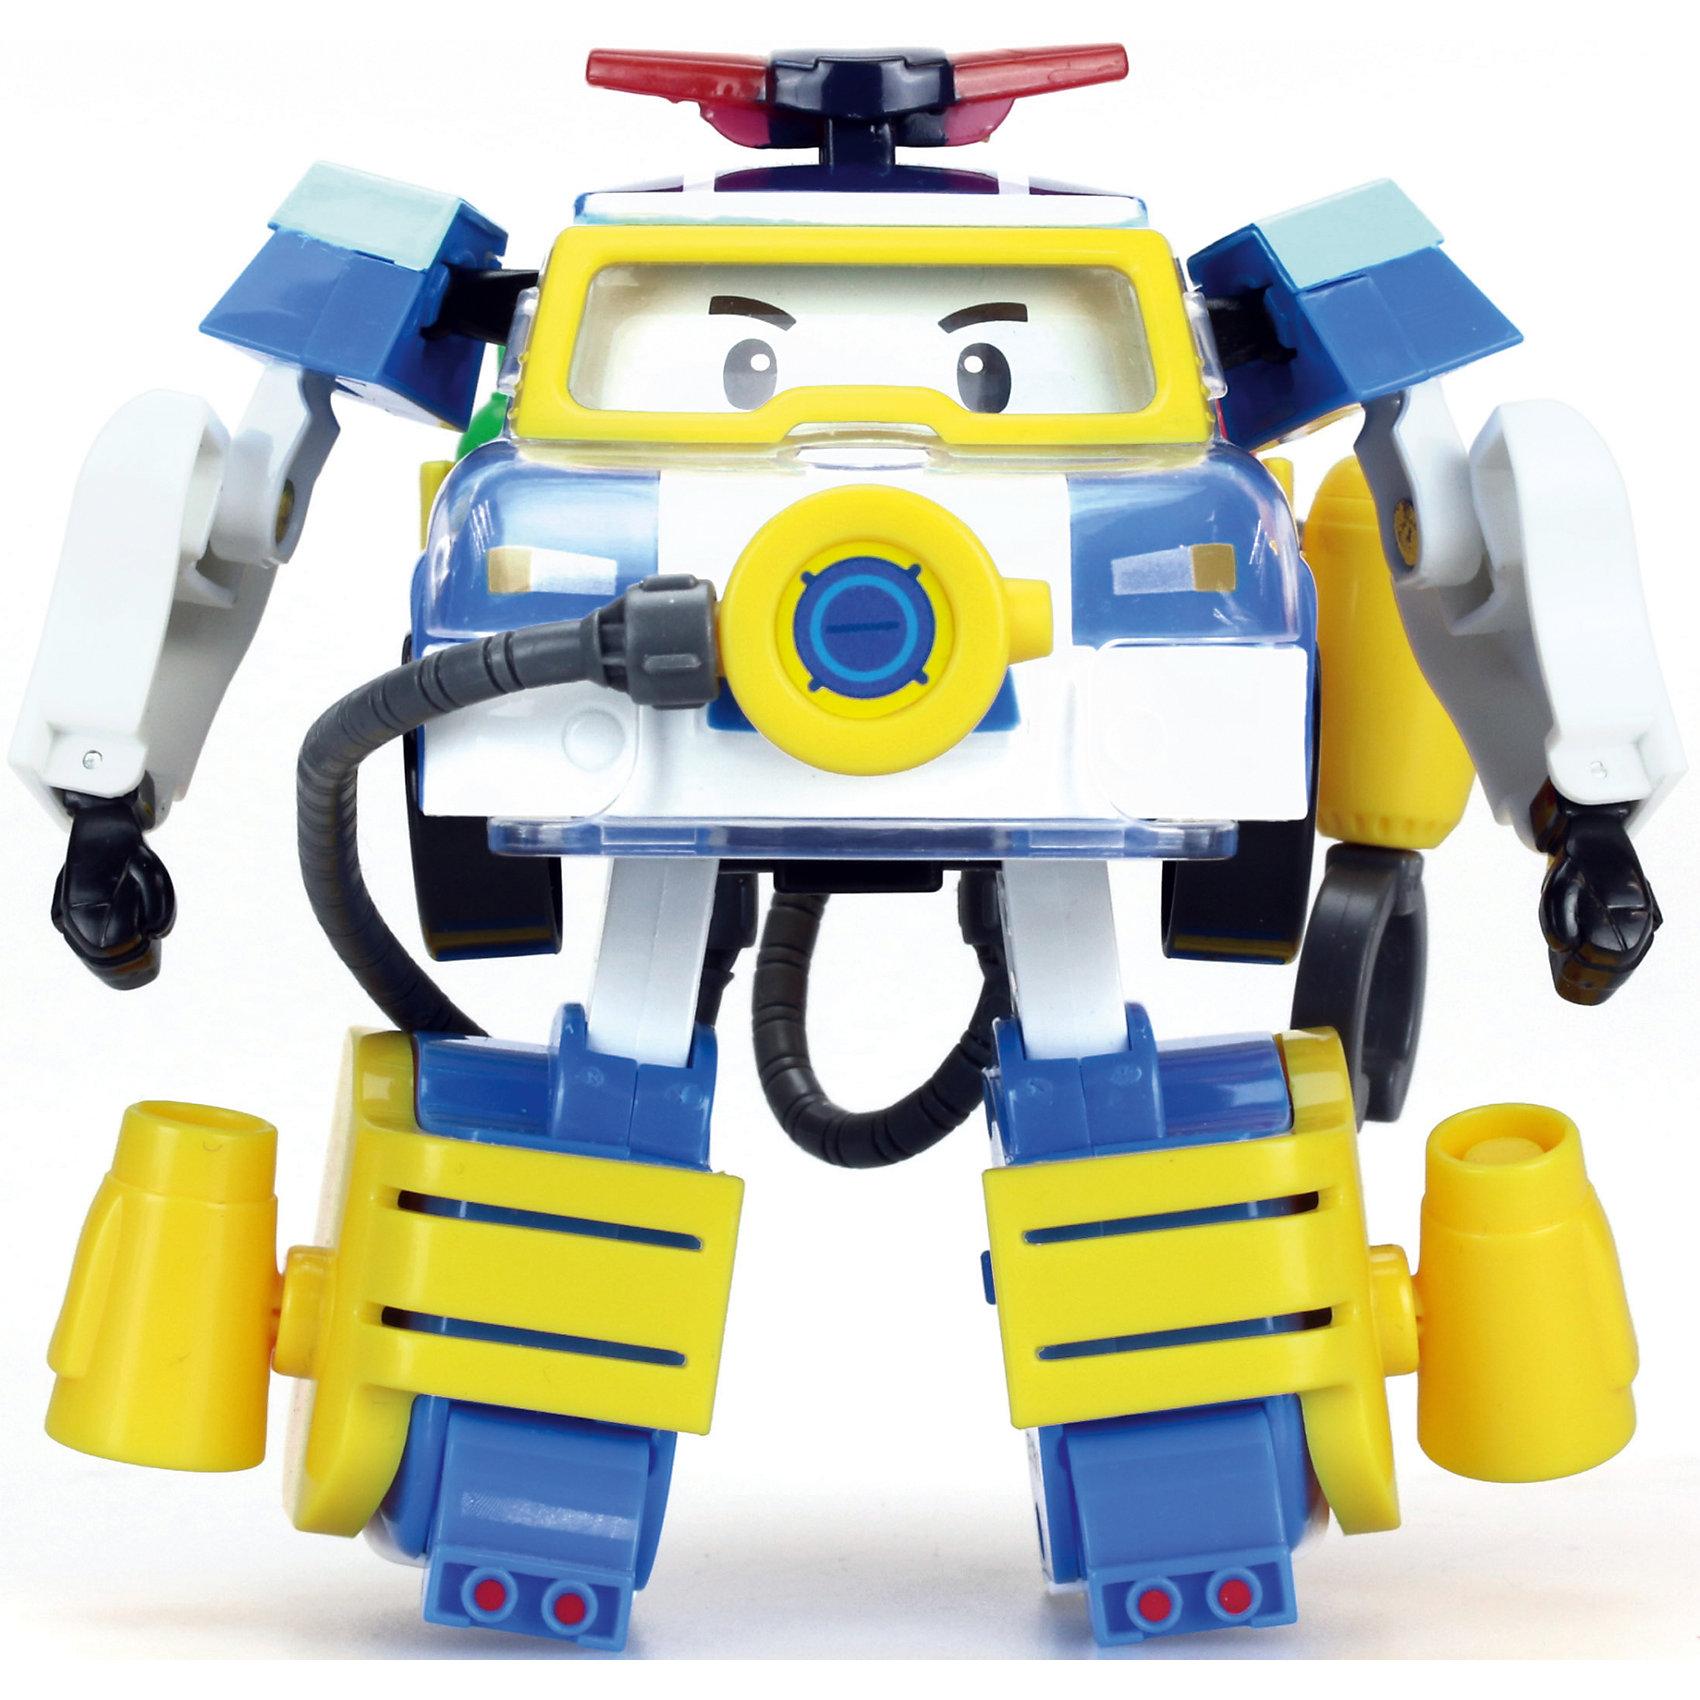 Трансформер и костюм водолаза Поли, 10 см, Робокар ПолиМашинки и транспорт для малышей<br>Трансформер и костюм водолаза Поли, 10 см, Робокар Поли.<br><br>Характеристики:<br><br>- В наборе: игрушка-трансформер, аксессуары костюма водолаза<br>- Материал: пластик<br>- Размер игрушки: 10 см.<br>- Упаковка: картонная коробка блистерного типа<br>- Размер упаковки: 10,8 x 15,2 x 17,2 см.<br>- Вес: 335 гр.<br><br>Теперь у ловкого и отважного полицейского автомобиля Робокара Поли появилось еще больше возможностей помогать людям, ведь у него есть водолазный костюм. Жители необычного городка Брумстауна могут не беспокоиться даже в том случае, если неприятности настигнут их под водой. Наш Поли легко и быстро трансформируется из машинки в робота, наденет на себя костюм и ринется на помощь людям!<br><br>Трансформера и костюм водолаза Поли, 10 см, Робокар Поли можно купить в нашем интернет-магазине.<br><br>Ширина мм: 108<br>Глубина мм: 172<br>Высота мм: 152<br>Вес г: 335<br>Возраст от месяцев: 36<br>Возраст до месяцев: 2147483647<br>Пол: Унисекс<br>Возраст: Детский<br>SKU: 5059828